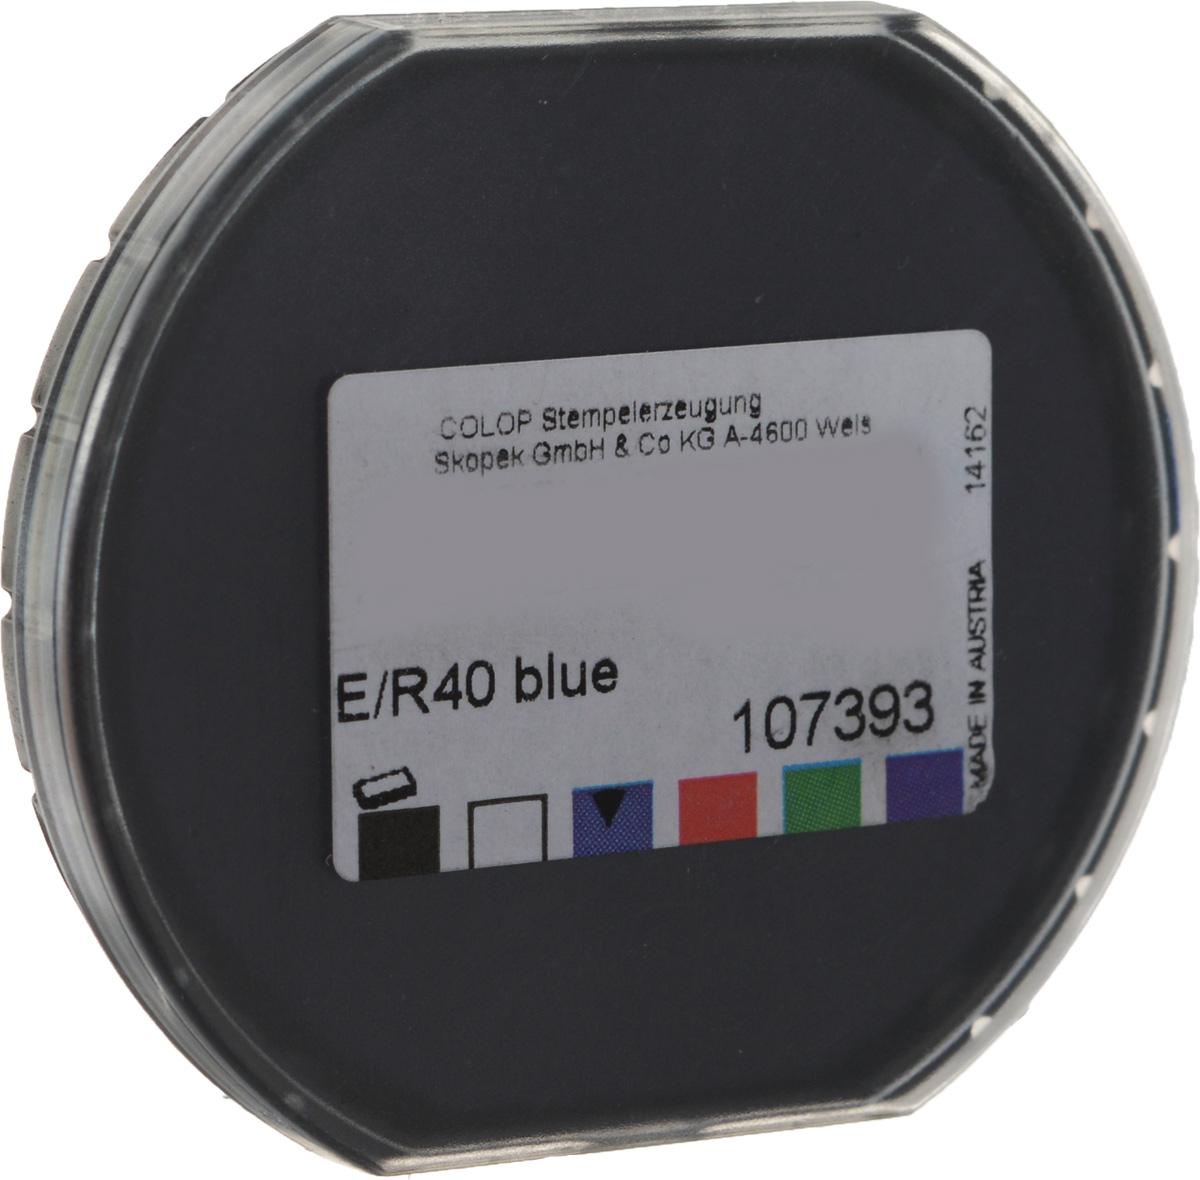 Colop Сменная штемпельная подушка E/R40 цвет синийE/R40c/colopСменная штемпельная подушка Colop E/R40 предназначена для продукции Colop. Произведена в Австрии с учетом требований российских и международных стандартов. Замена штемпельной подушки необходима при каждом изменении текста в штампе. Заправка штемпельной краской не рекомендуется. Гарантирует не менее 10 000 четких оттисков. Подходит для кода С28178, С36735, С10877, С11718, С20345, С20346, цвет краски - синий.